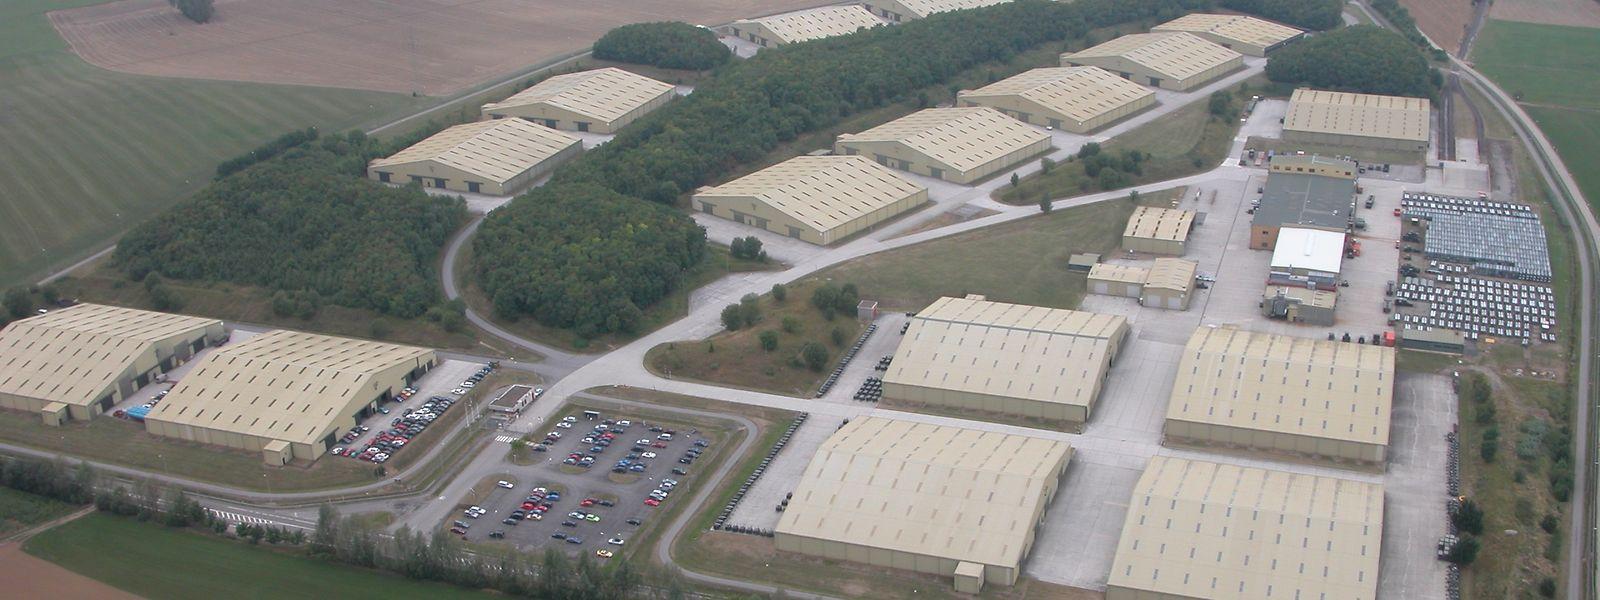 Le site de Warehouses Services Agency (WSA) à Sanem, met 17 hangars à la disposition des armées américaine et luxembourgeoise et de la Justice.